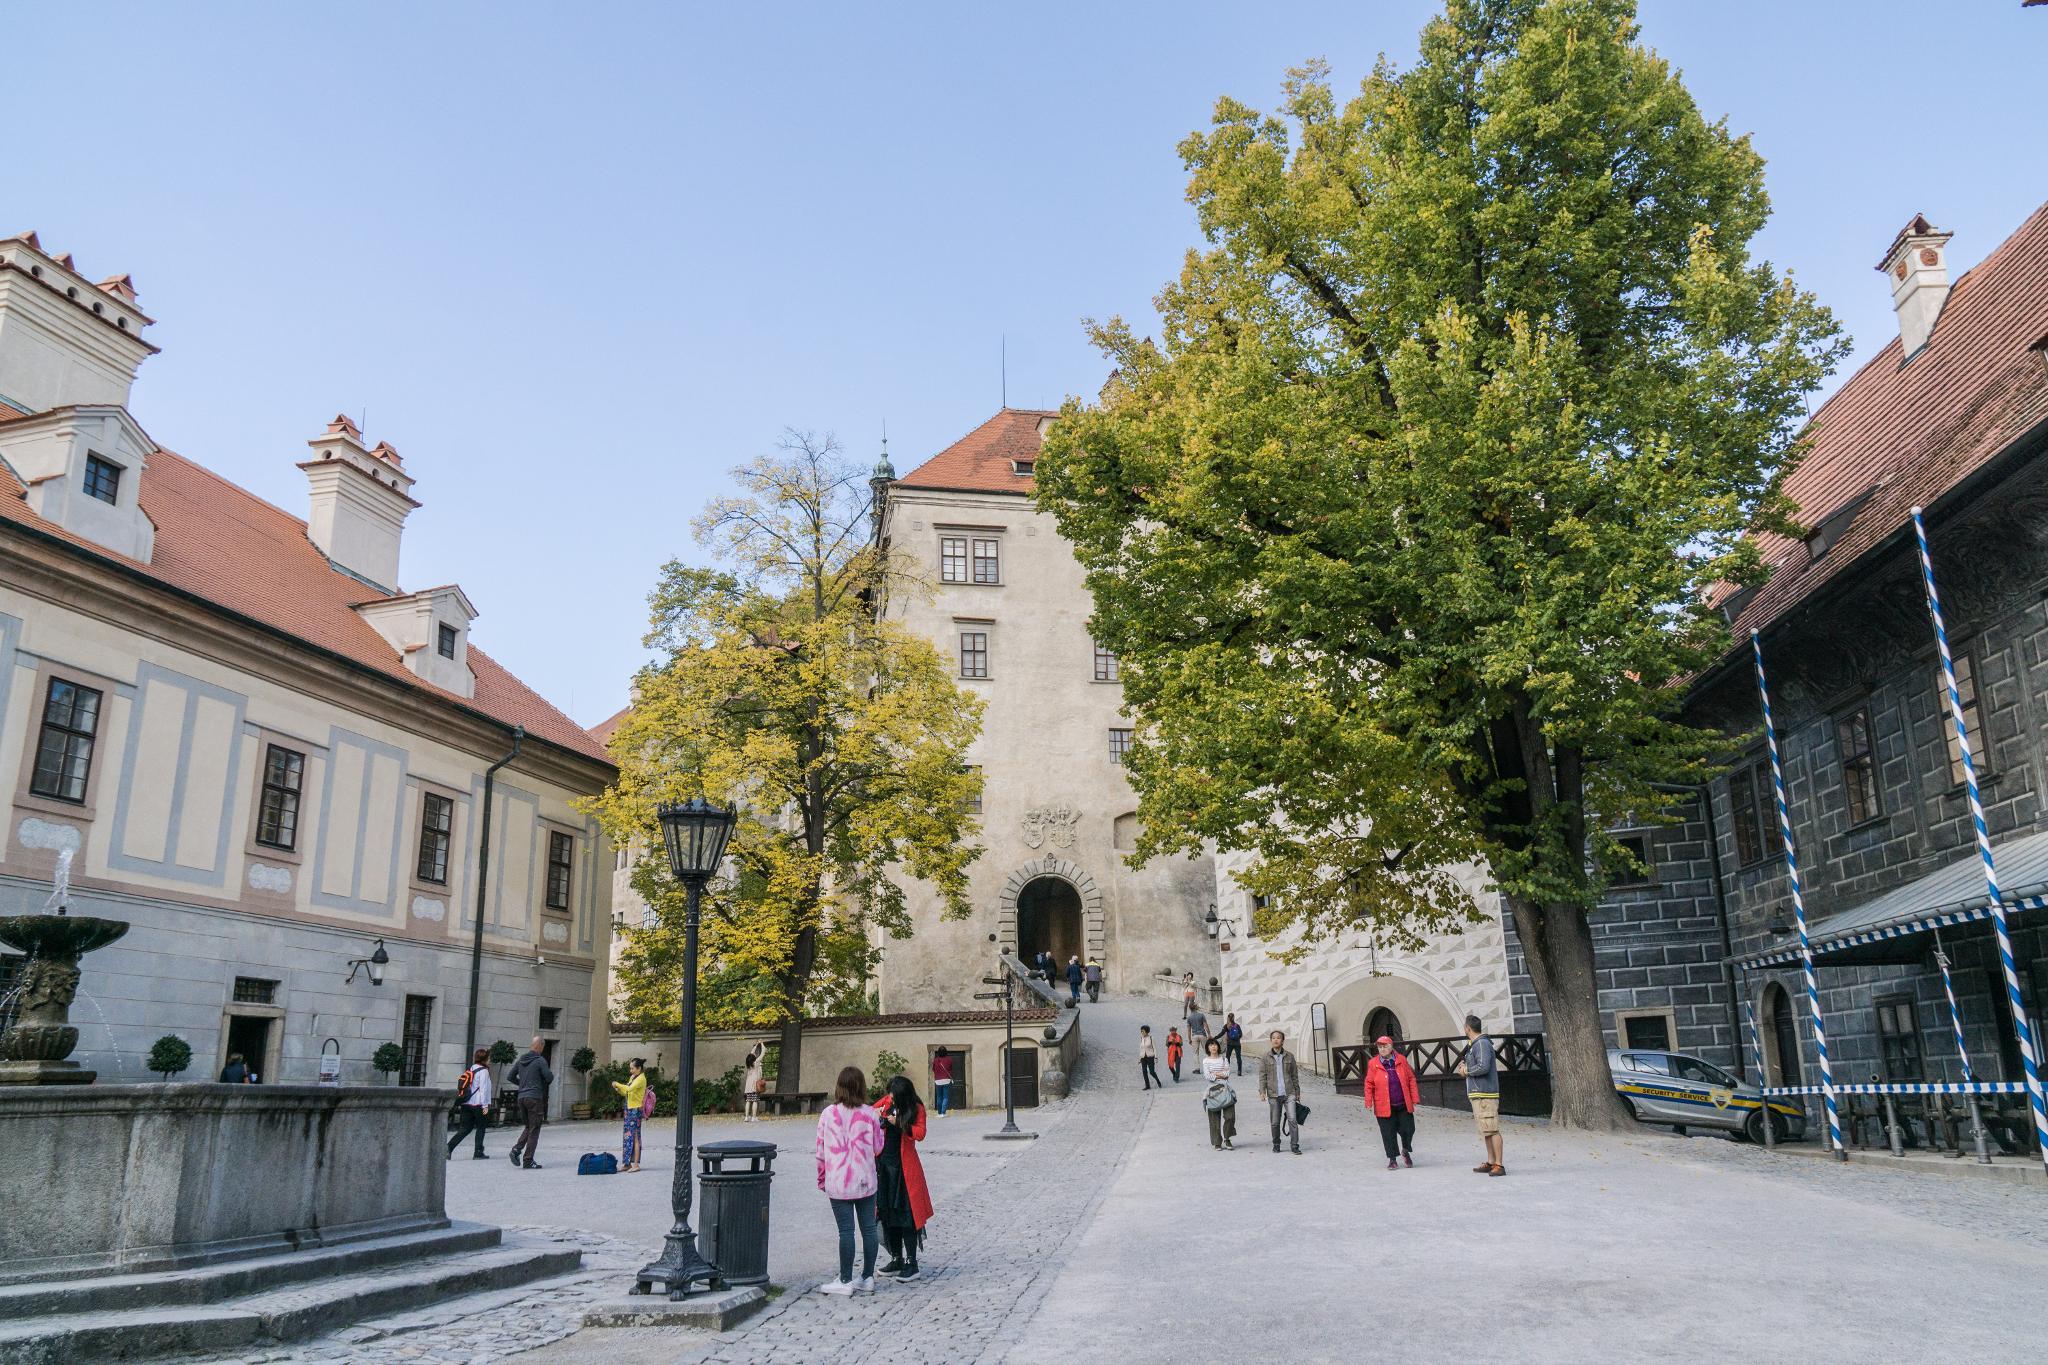 【捷克】穿越時空的波希米亞狂想曲 — Český Krumlov Castle 庫倫諾夫城堡 4